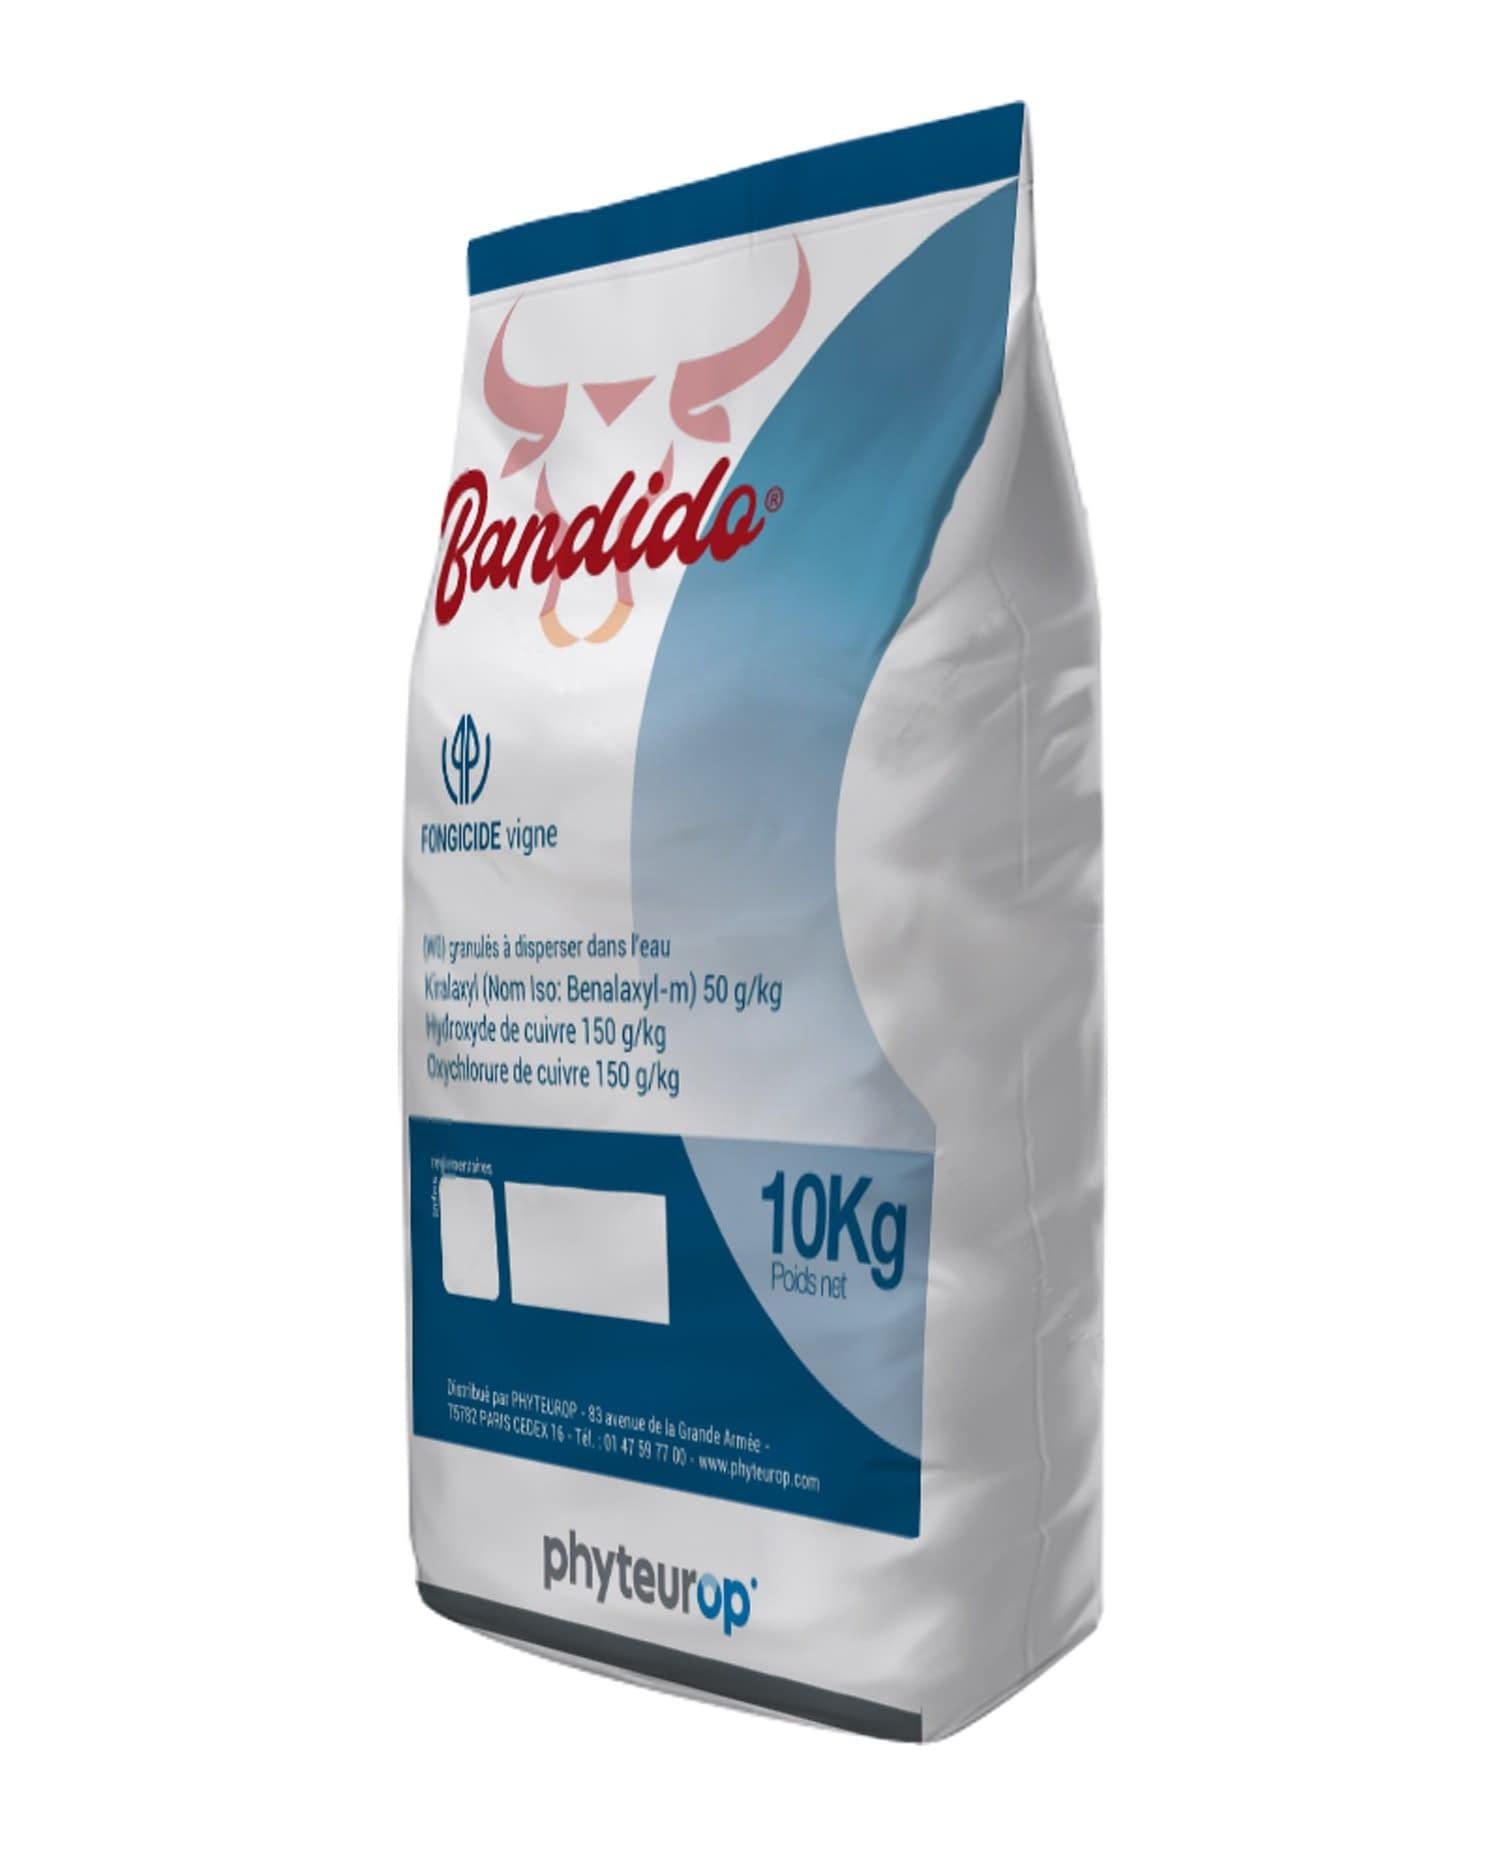 Phyteurop_3596355061218-Bandido-10kg